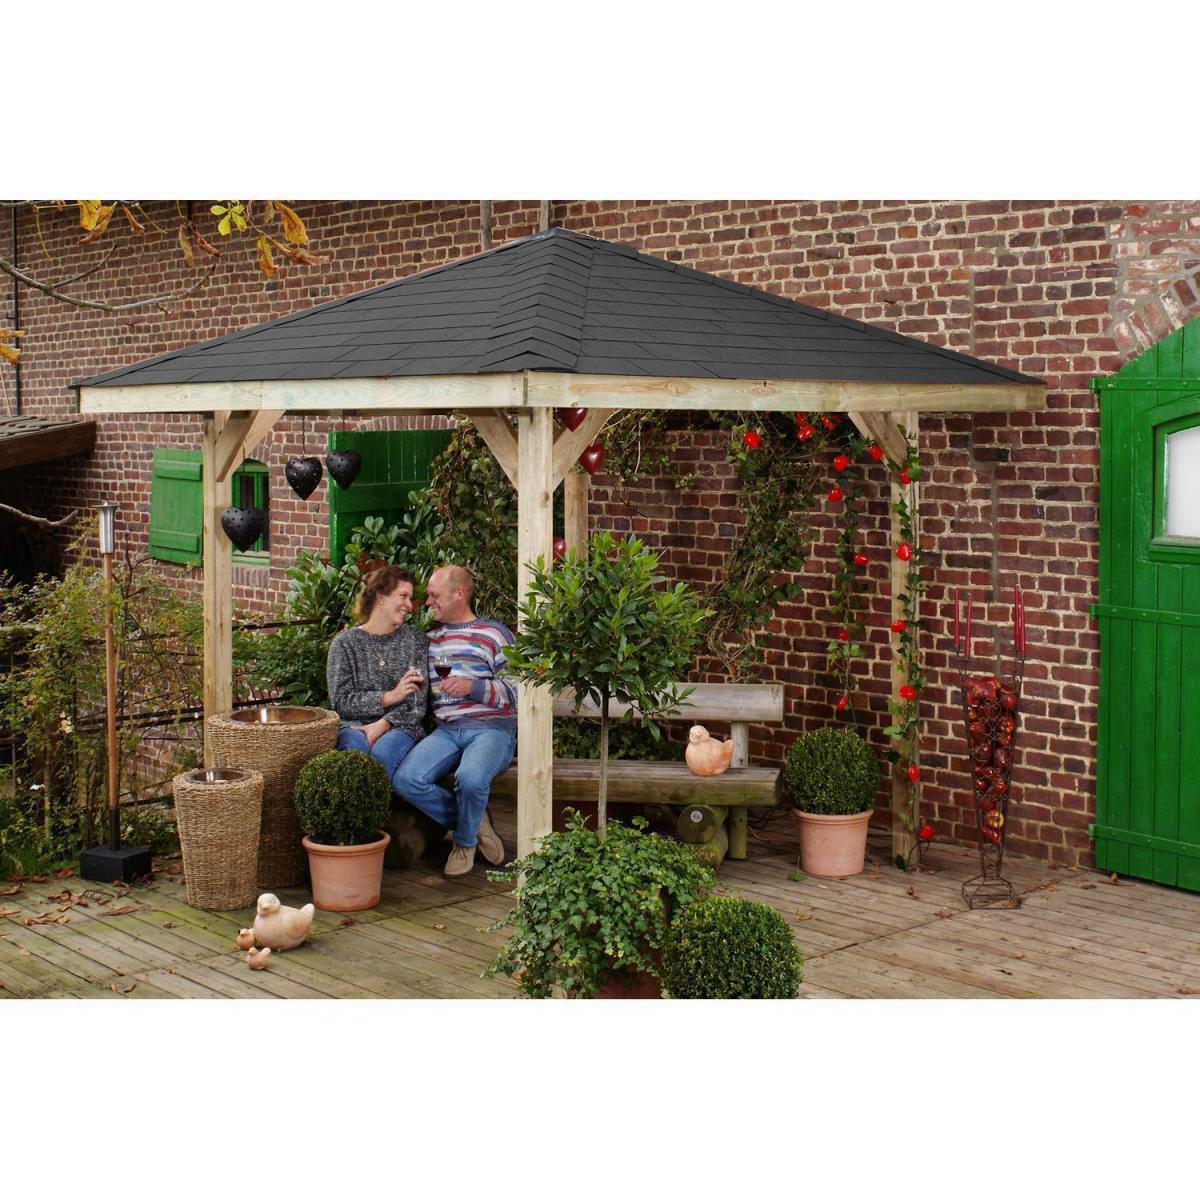 """Pavillons - Gartenpavillon """"Gartenose Gr.1""""  - Onlineshop Hellweg"""